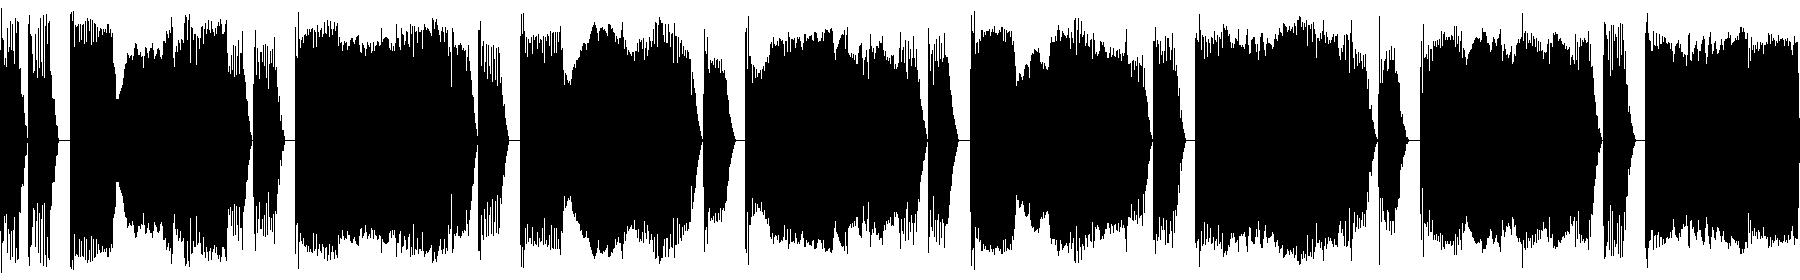 bass20 120